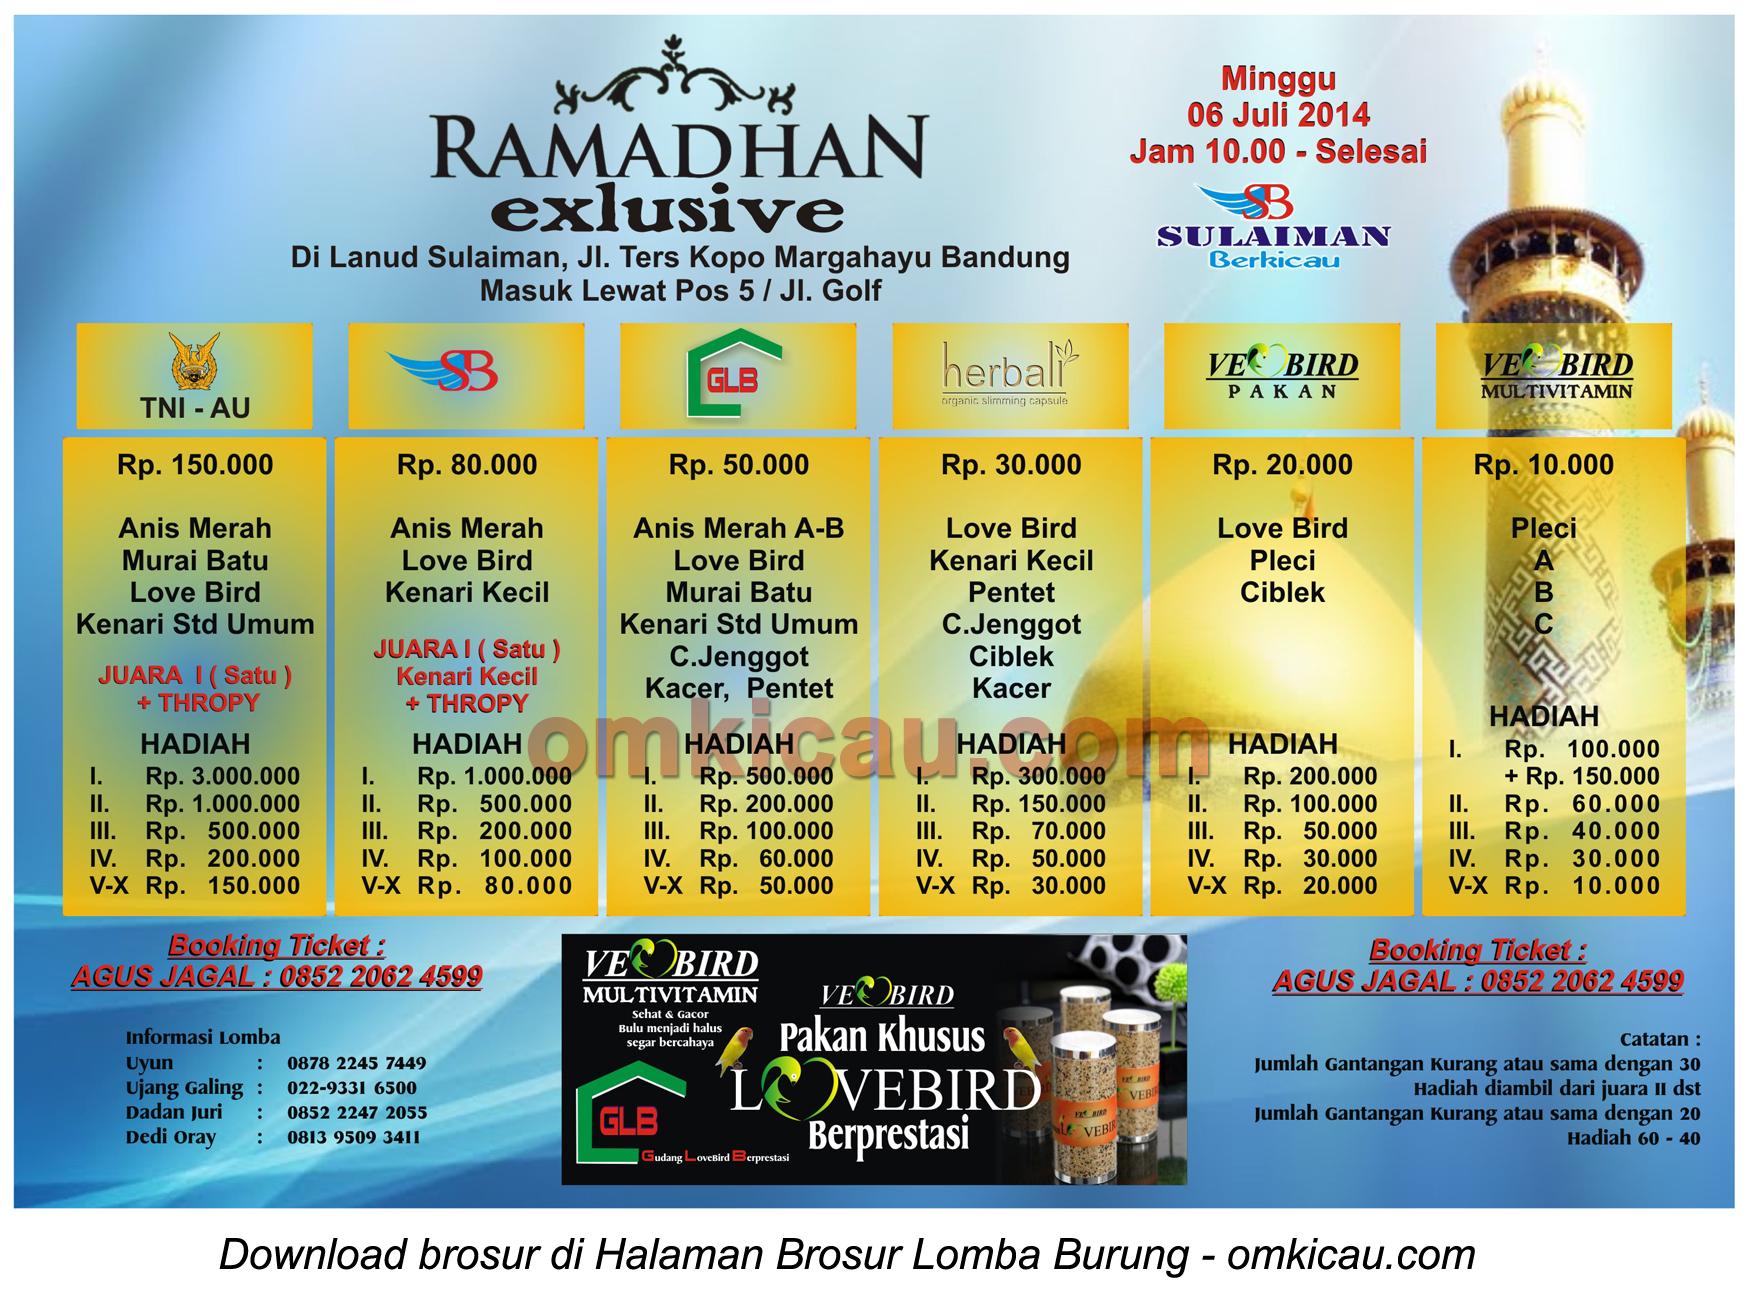 Brosur Lomba Burung Ramadhan Exclusive - Sulaiman Berkicau, Bandung, 6 Juli 2014